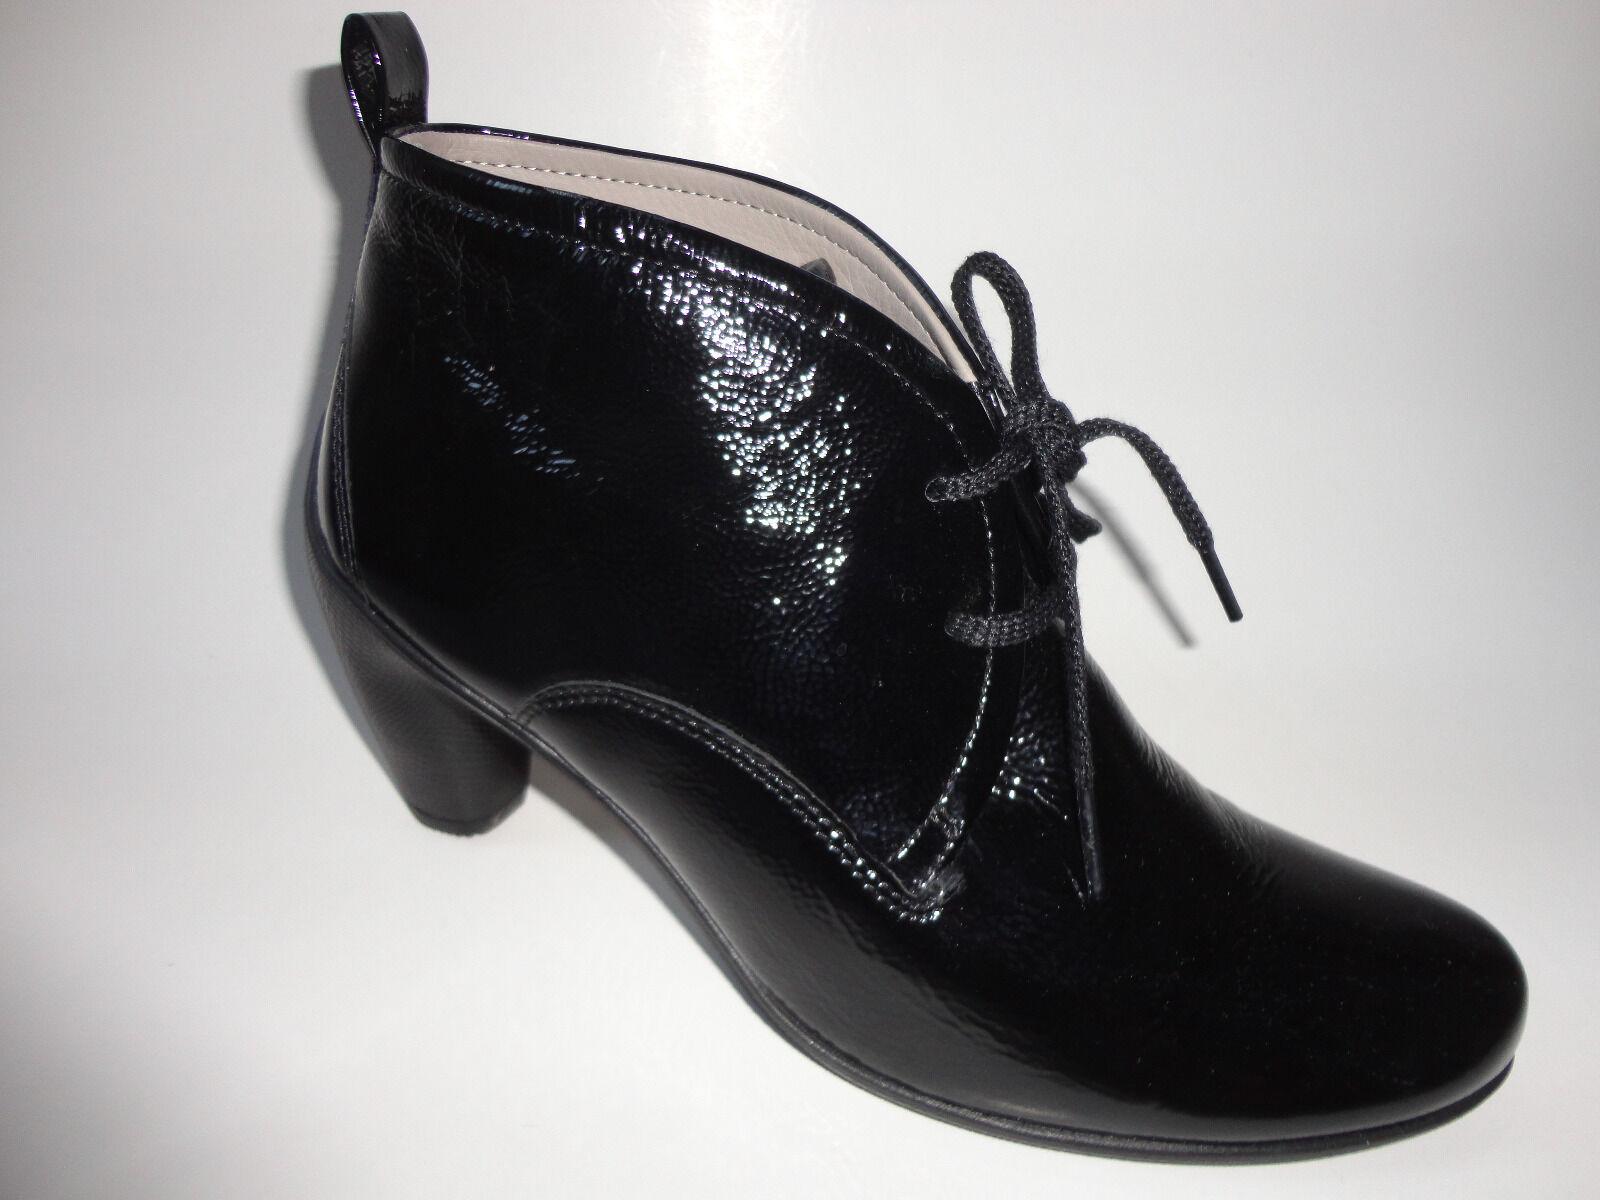 ECCO Damen Lackleder Stiefel Stiefelette Schuhe Gr.40 schwarz Neu